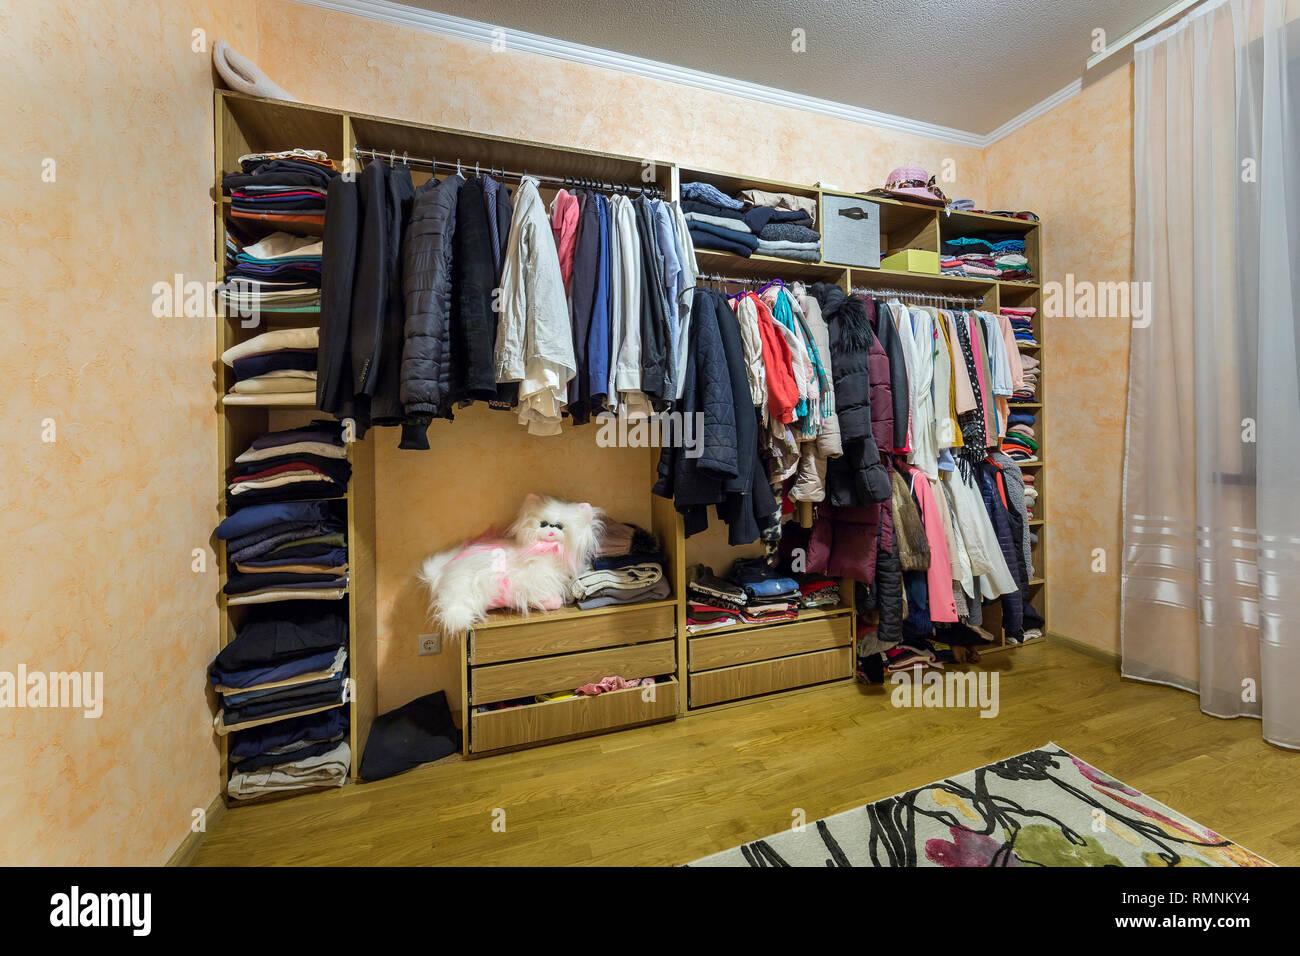 Offnen Dressing Schrank Kleiderschrank Voll Von Verschiedenen